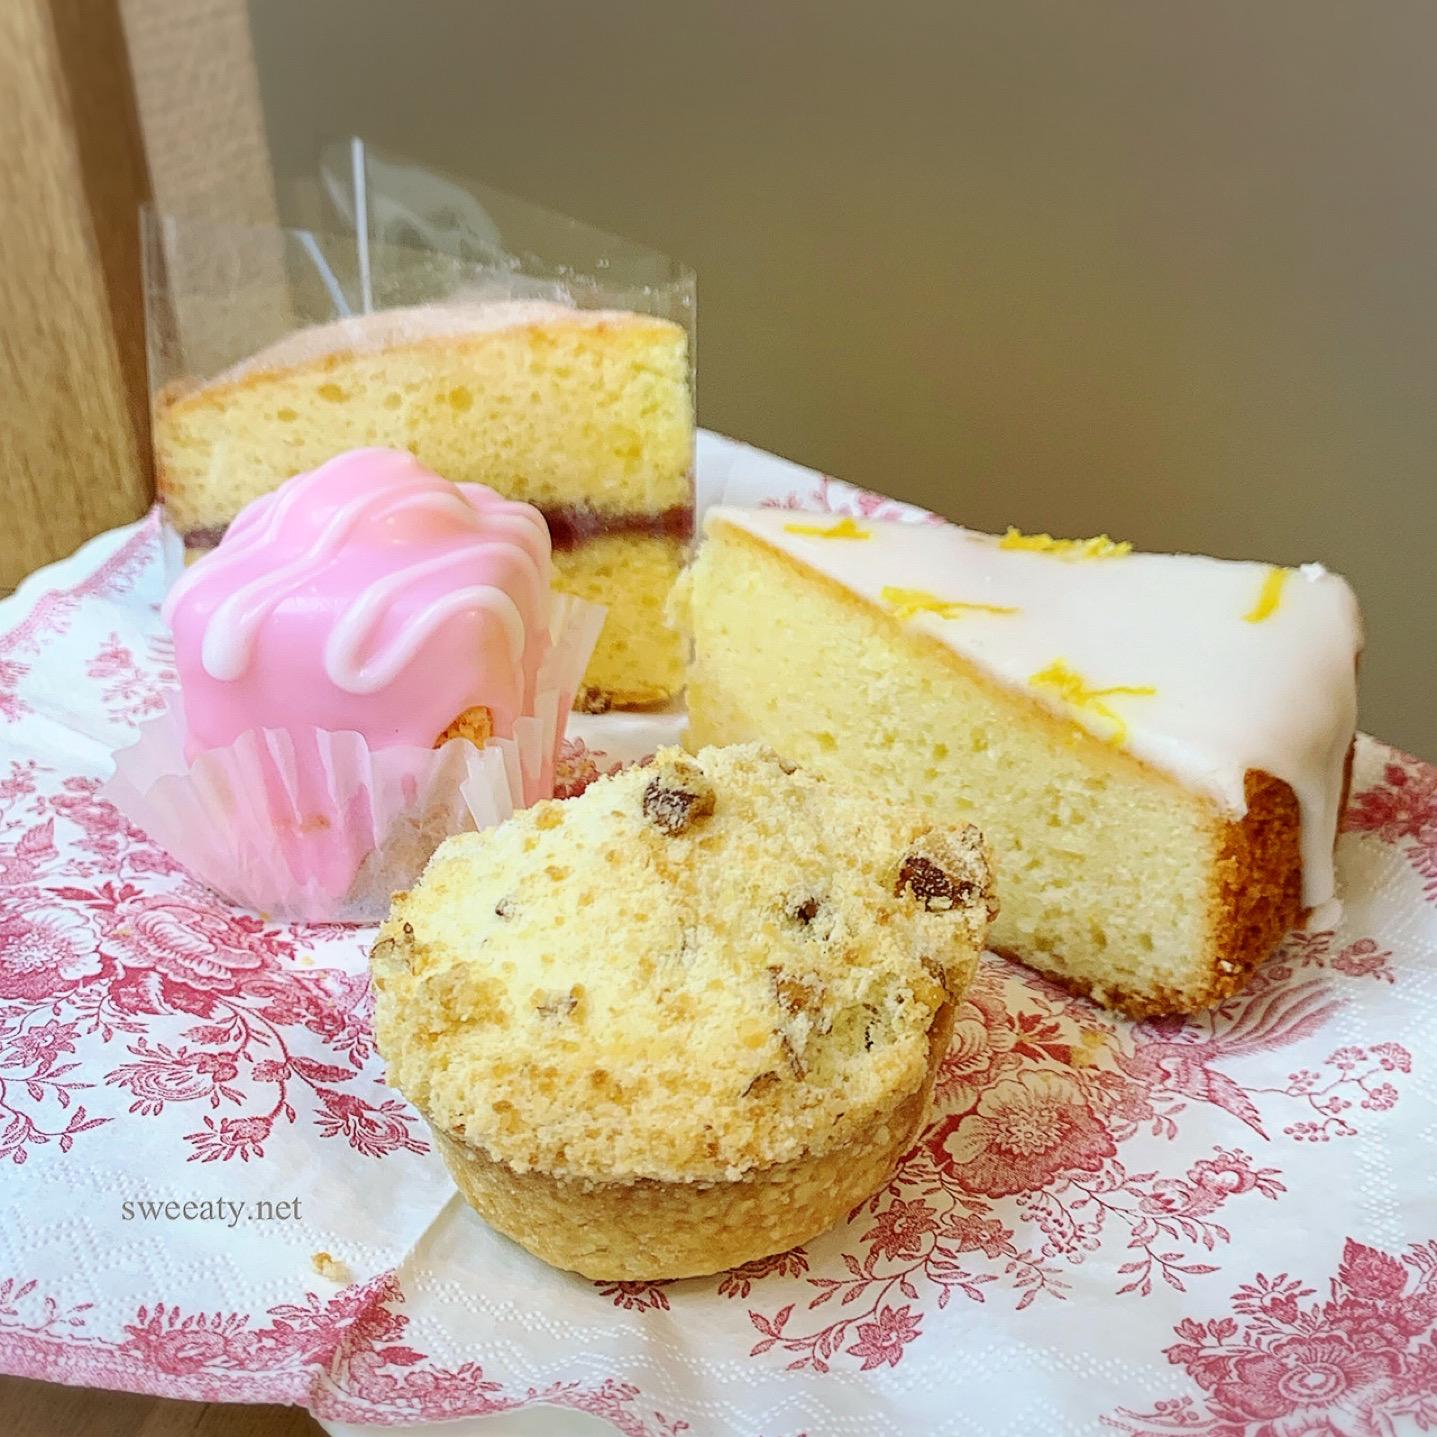 伝統的なイギリス菓子を麻布十番で♡モーニングトンクレセントのイギリス菓子がめちゃくちゃ美味しい!